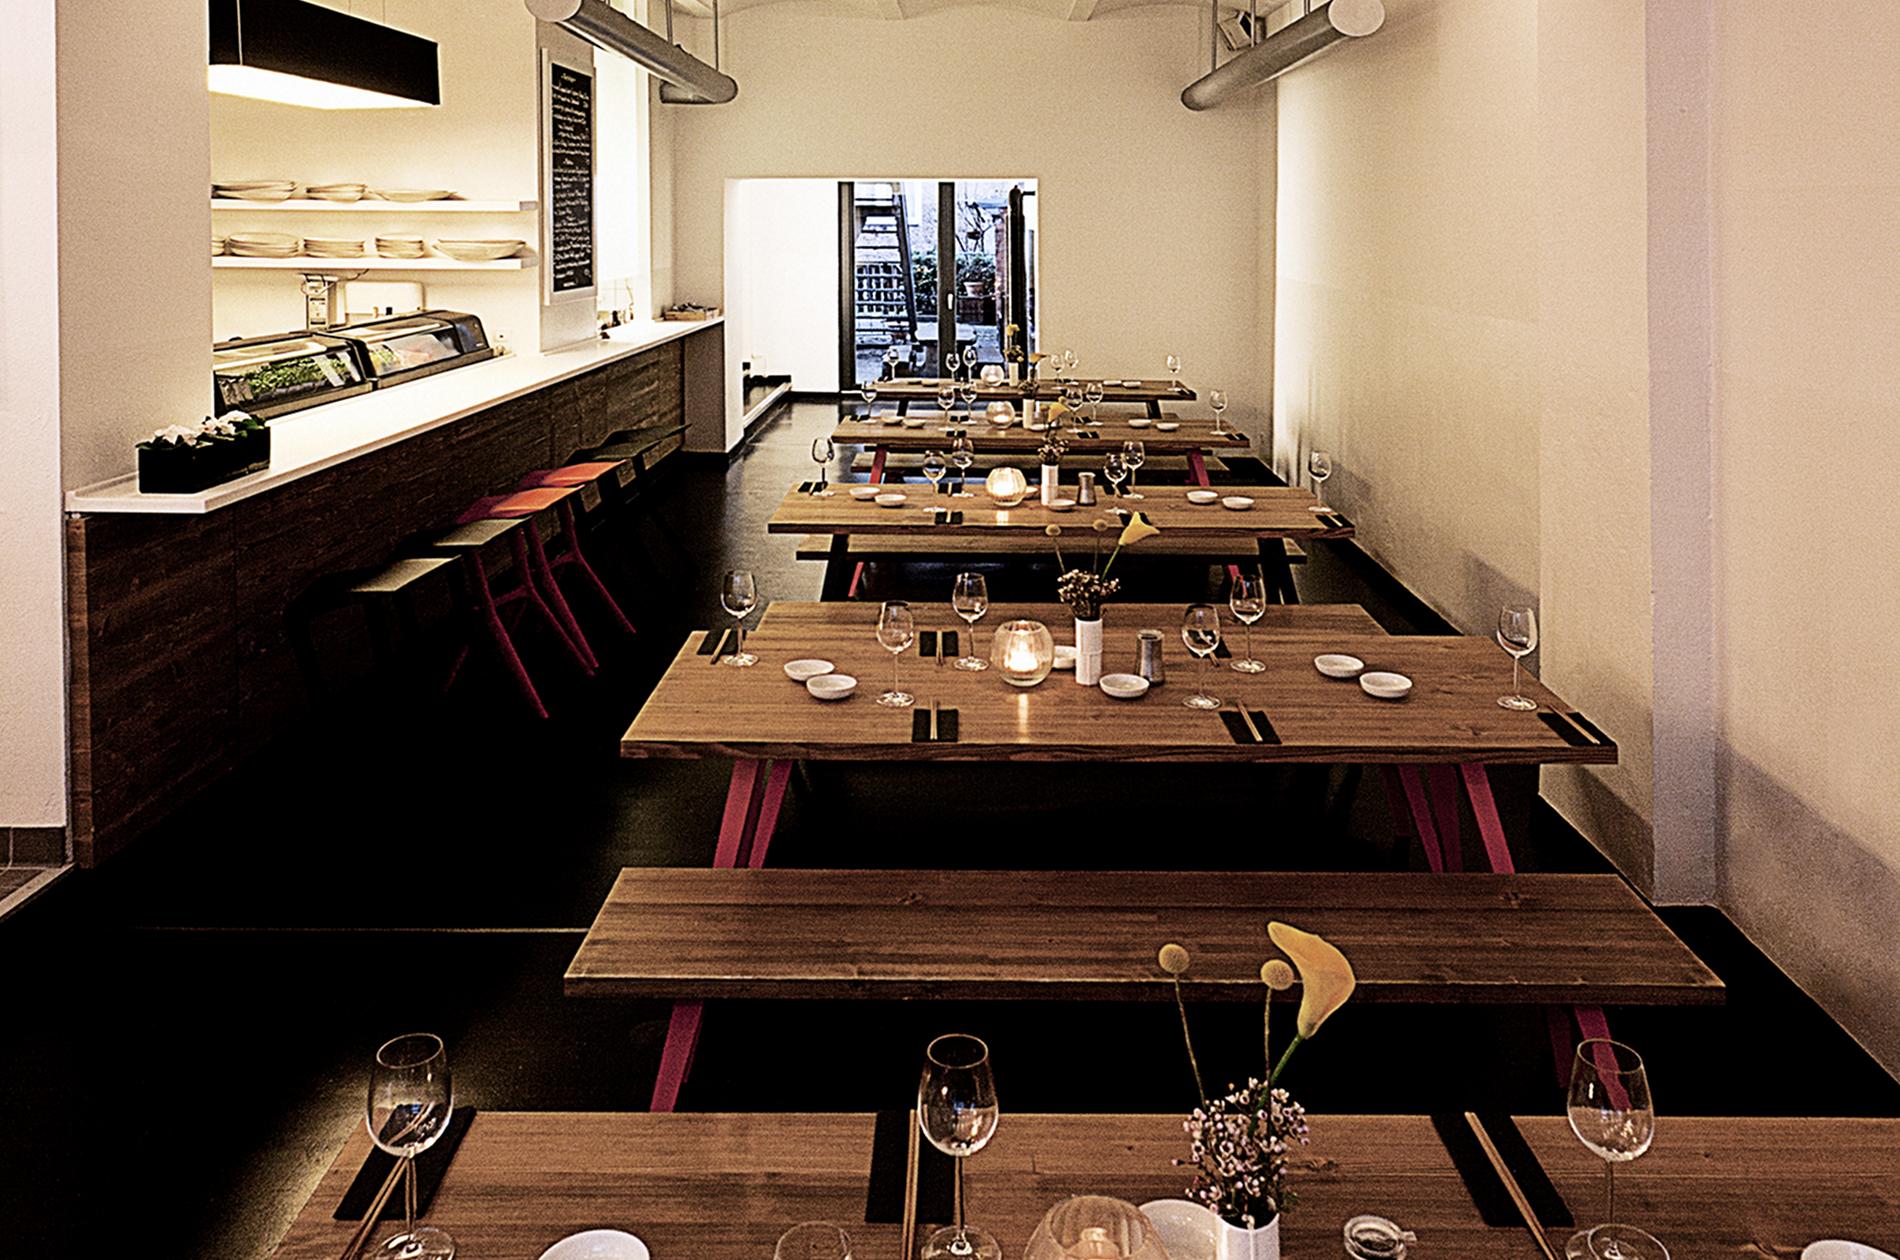 Restaurant dudu cookionista for Kuche co berlin mitte